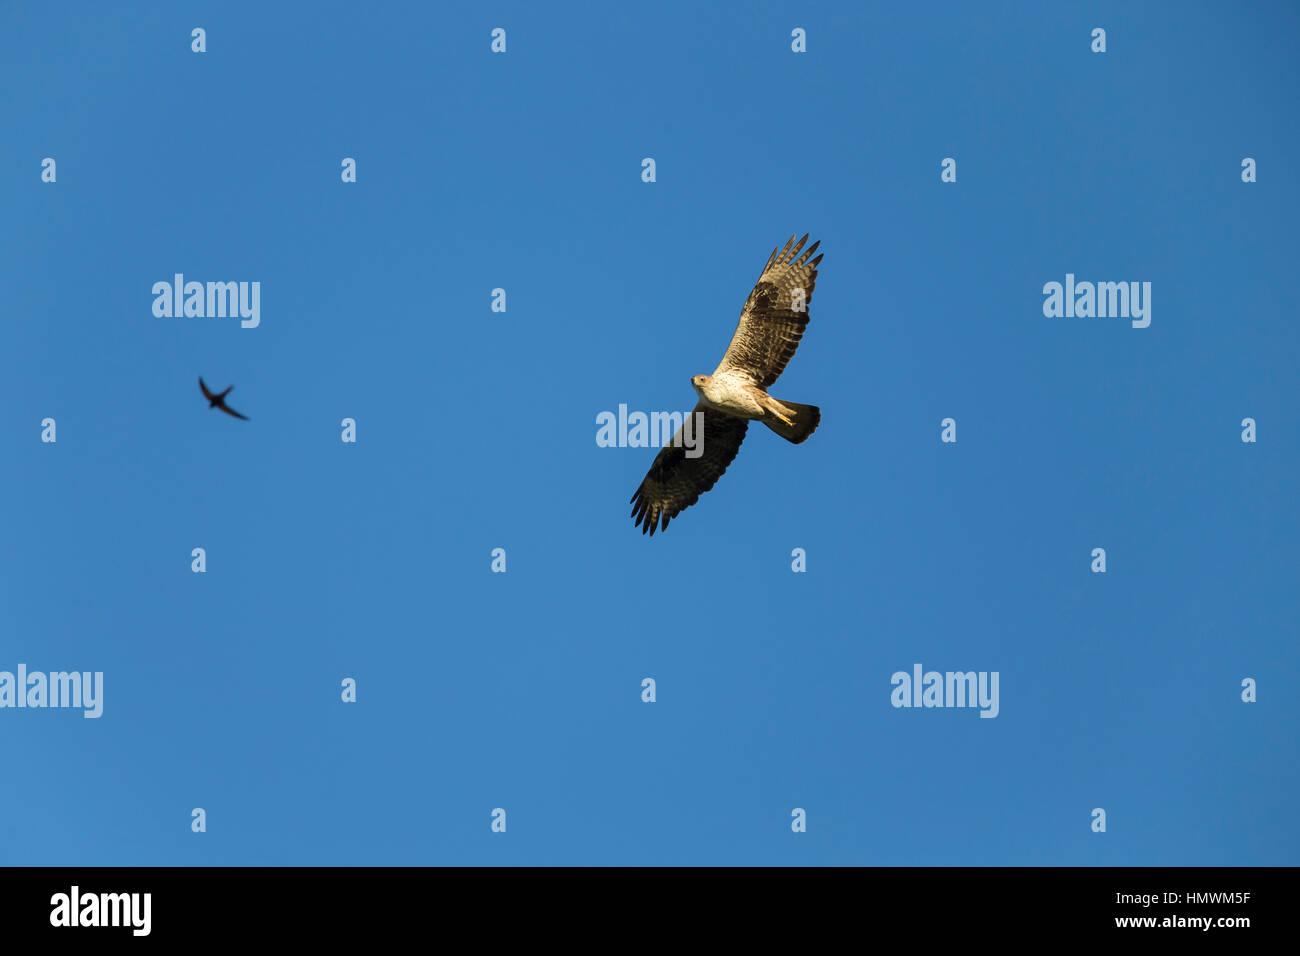 Aigle de Bonelli Aquila fasciata, femelle adulte, en vol sur fond de ciel bleu avec swift Apus apus, commune proche Banque D'Images